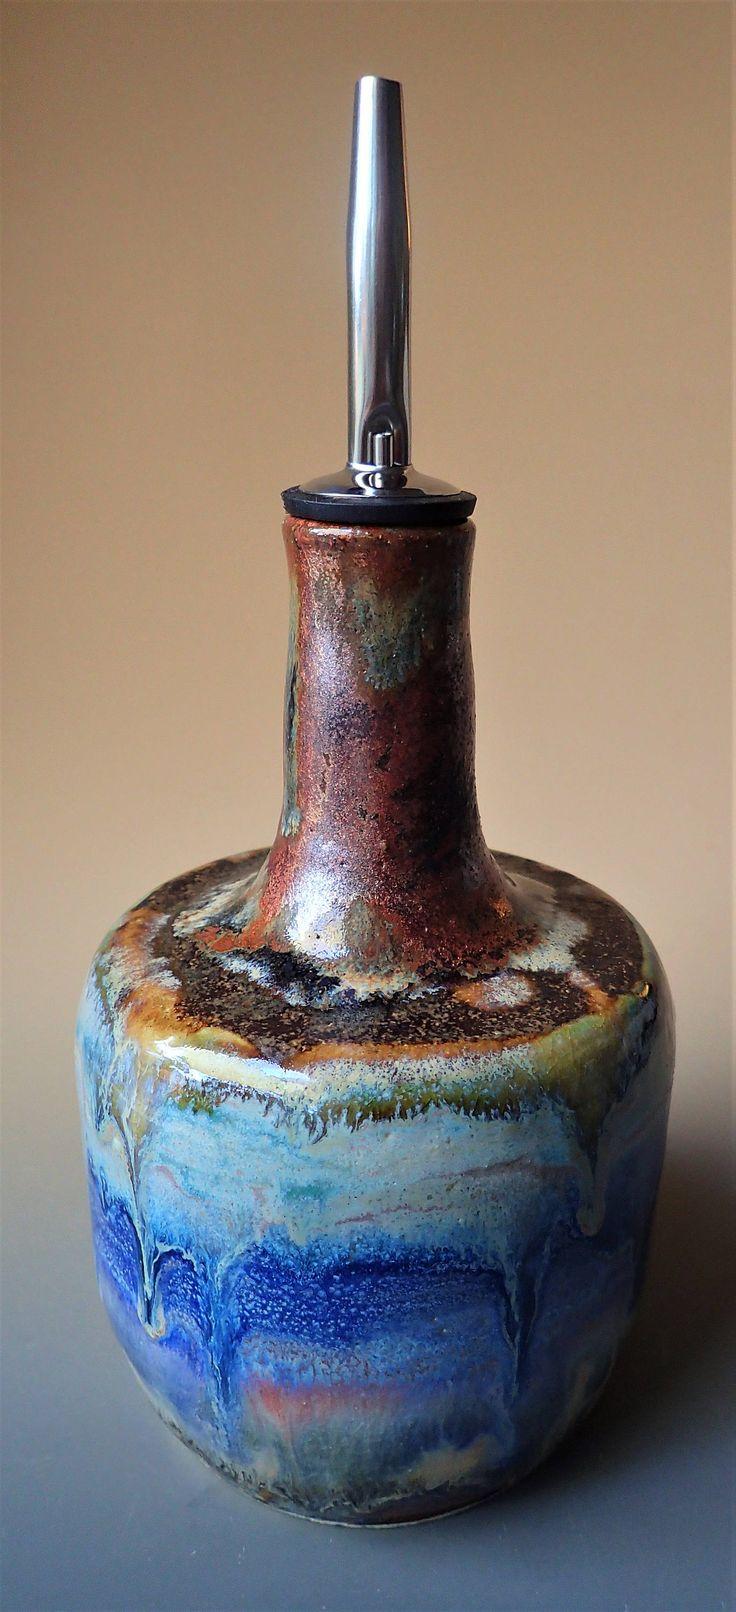 Stoneware Porcelain Blend Handmade Olive Oil Bottle Olive Oil Dispenser by LisaMelitaArt on Etsy